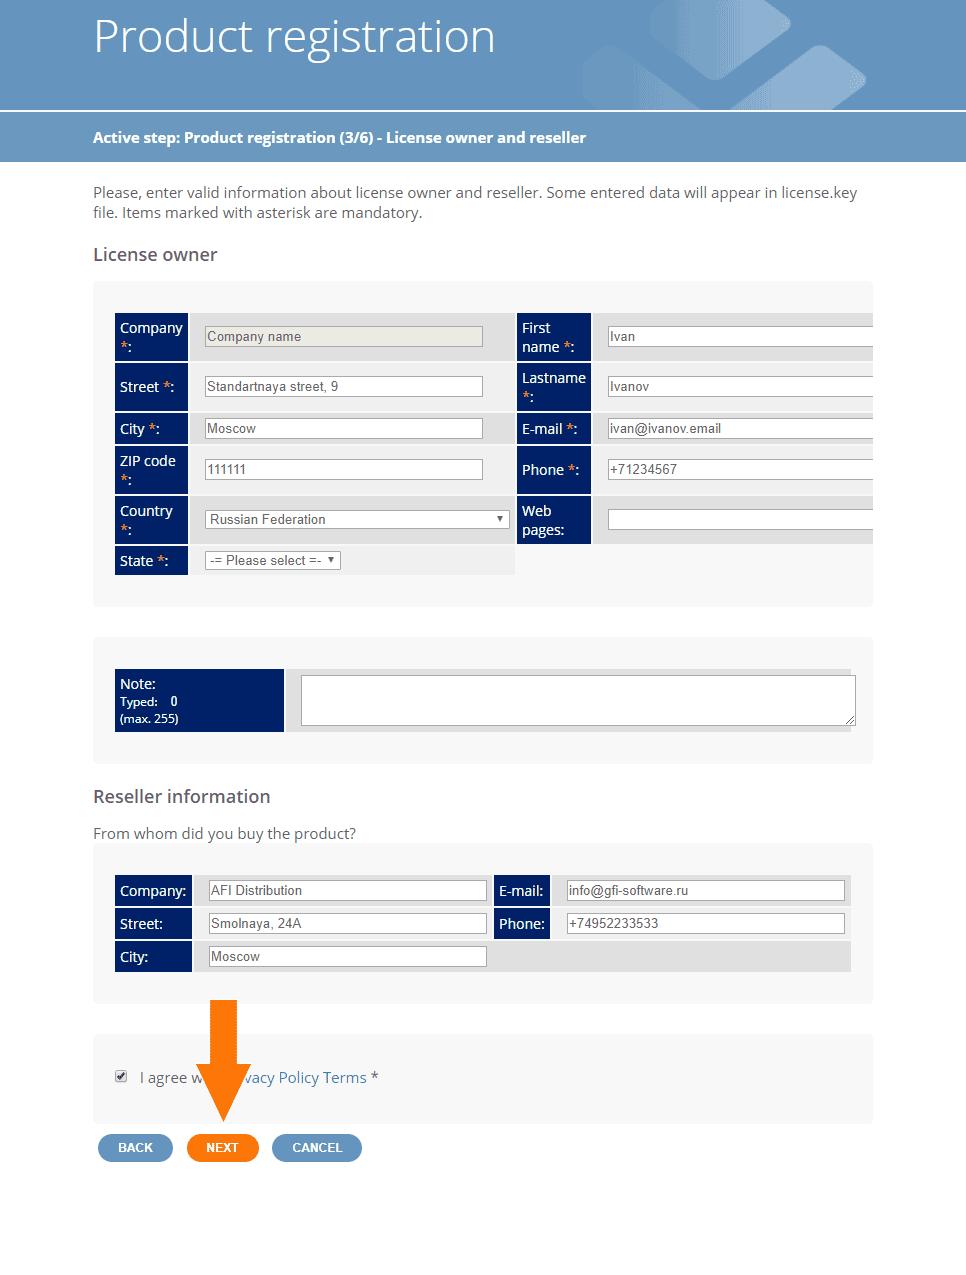 Шаг 3: Проверьте актуальность ваших данных